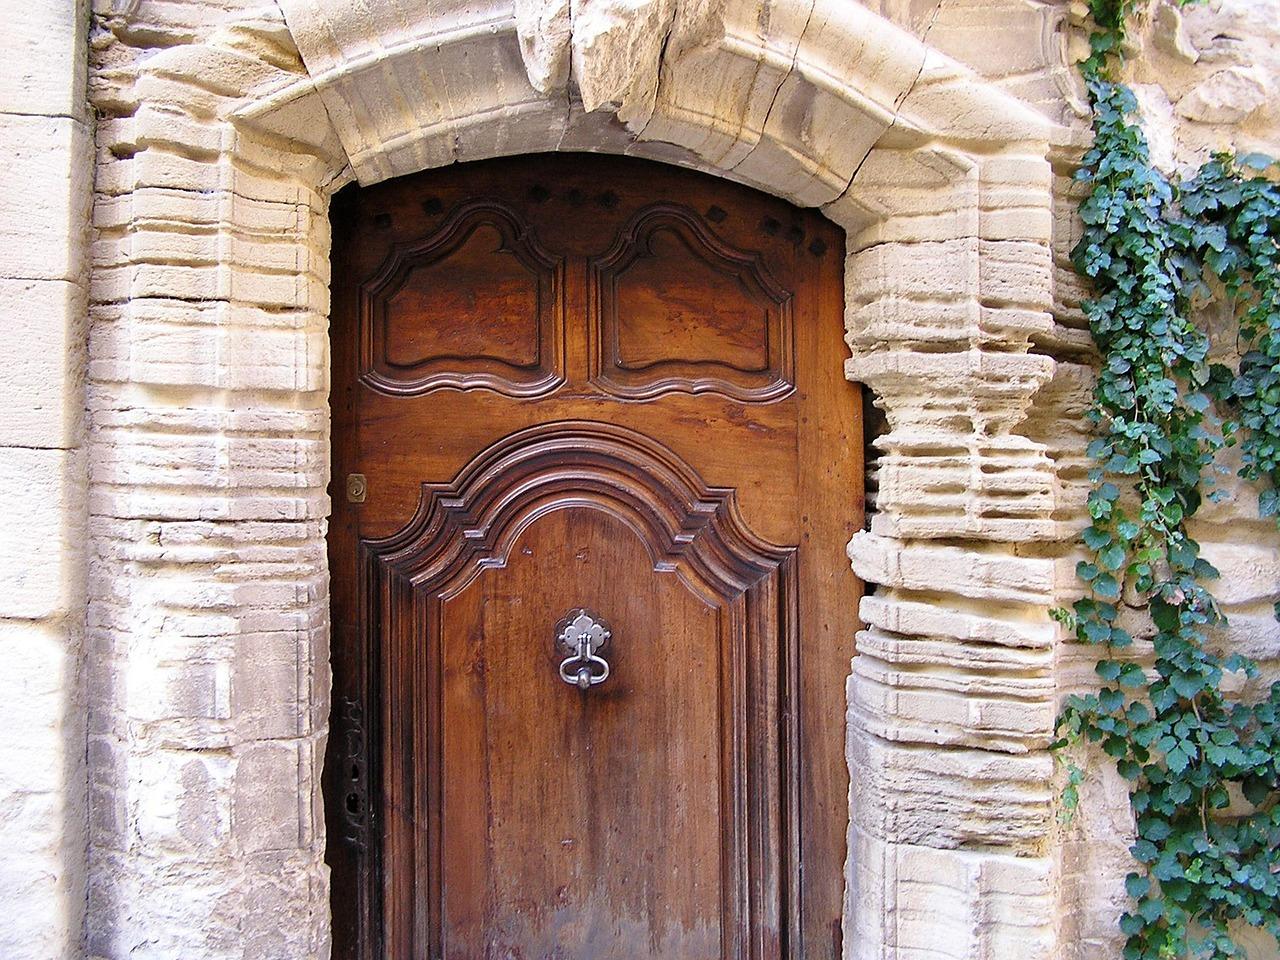 Entrance Door Antique Wooden Door - Entrance Door,antique,wooden Door,front Door,architecture - Free